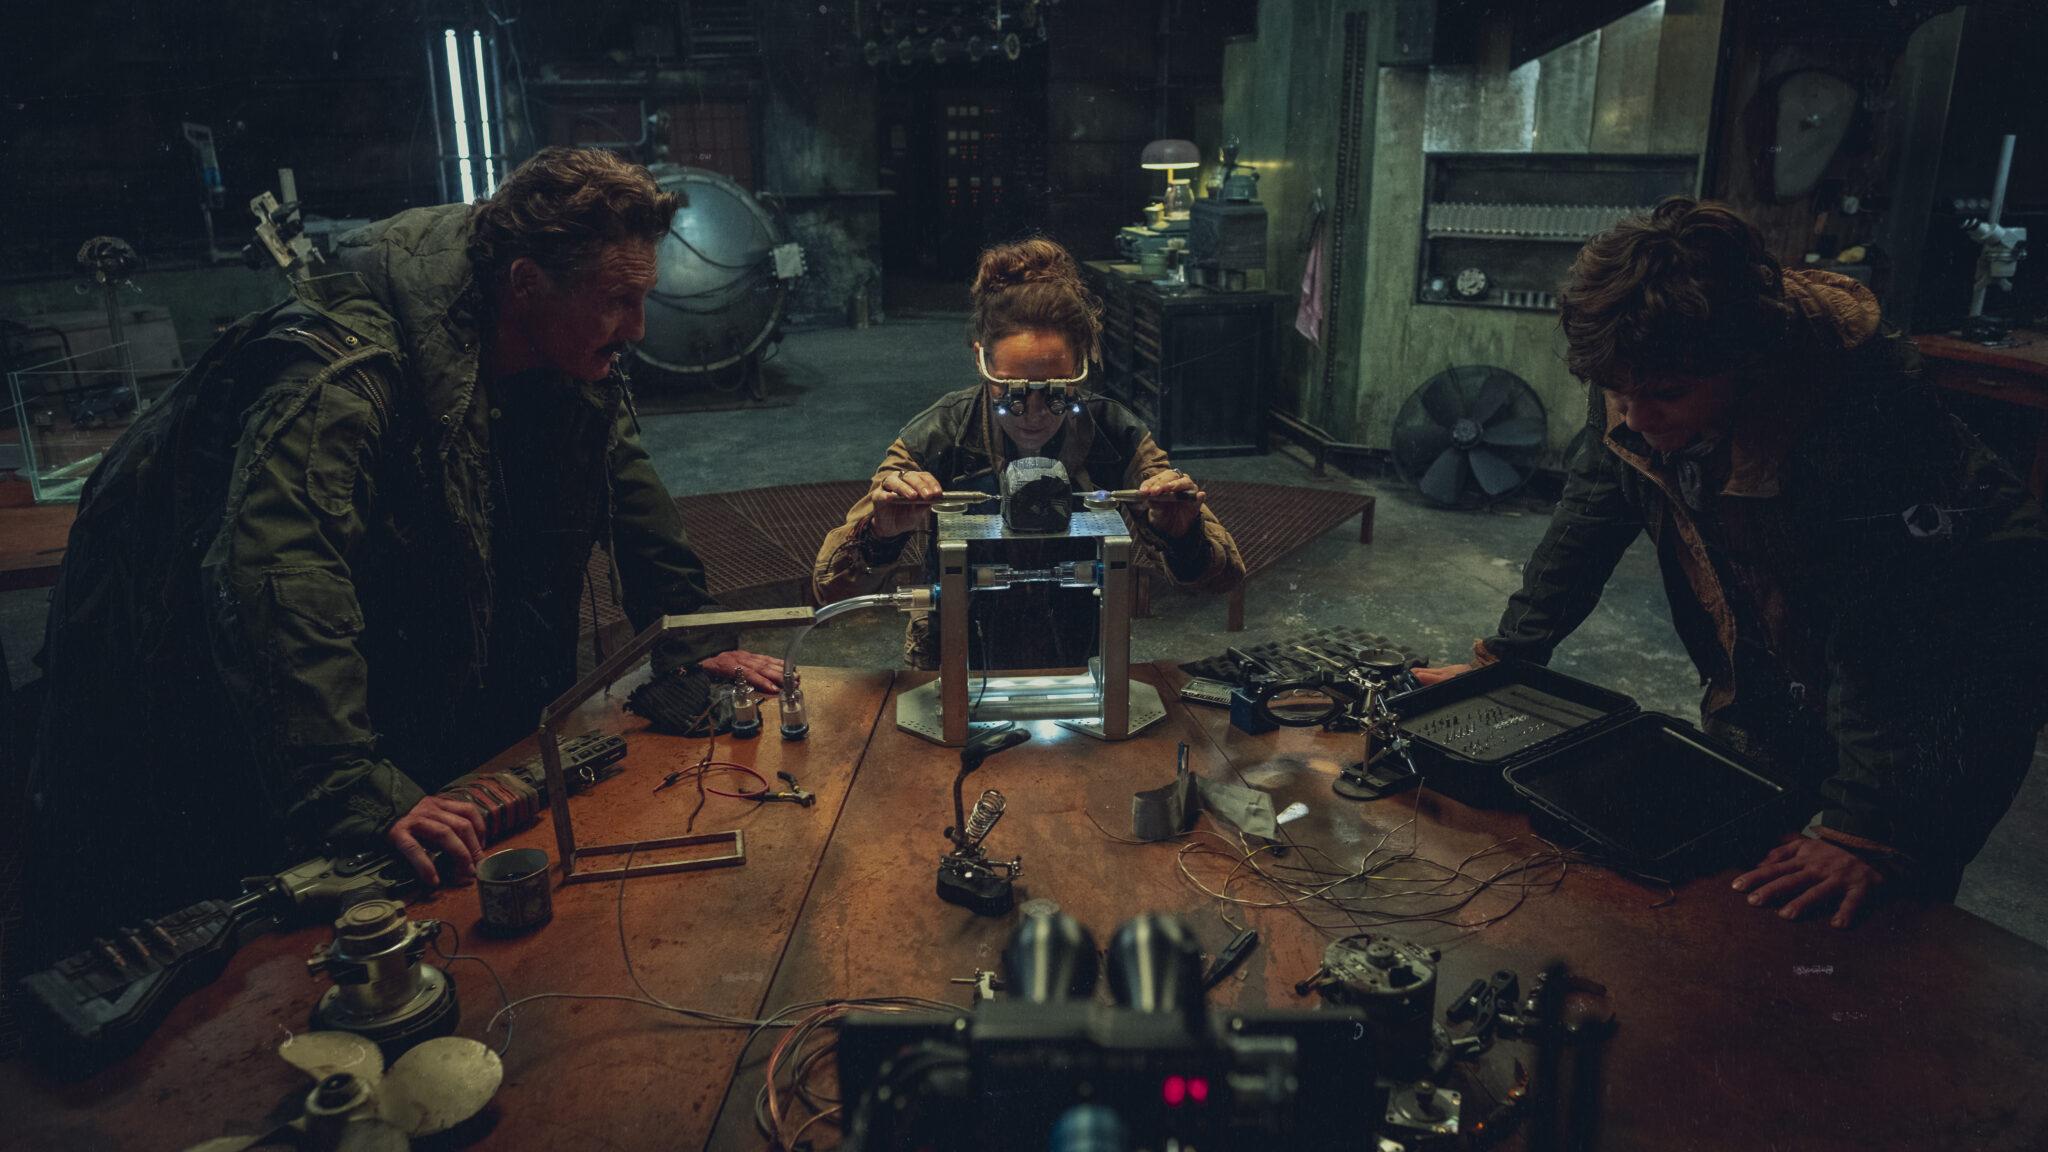 Drei Personen um einen Tisch herum: auf dem Tisch liegen zahlreiche Apparate, Bauteile und Drähte. Die Frau in der Mitte hat eine Art Brille auf und untersucht einen leuchtenden Gegenstand. Die beiden Männer, rechts und links im Bild, stützen sich auf den Tisch und blicken auch auf das leuchtende Objekt in Tribes of Europa.